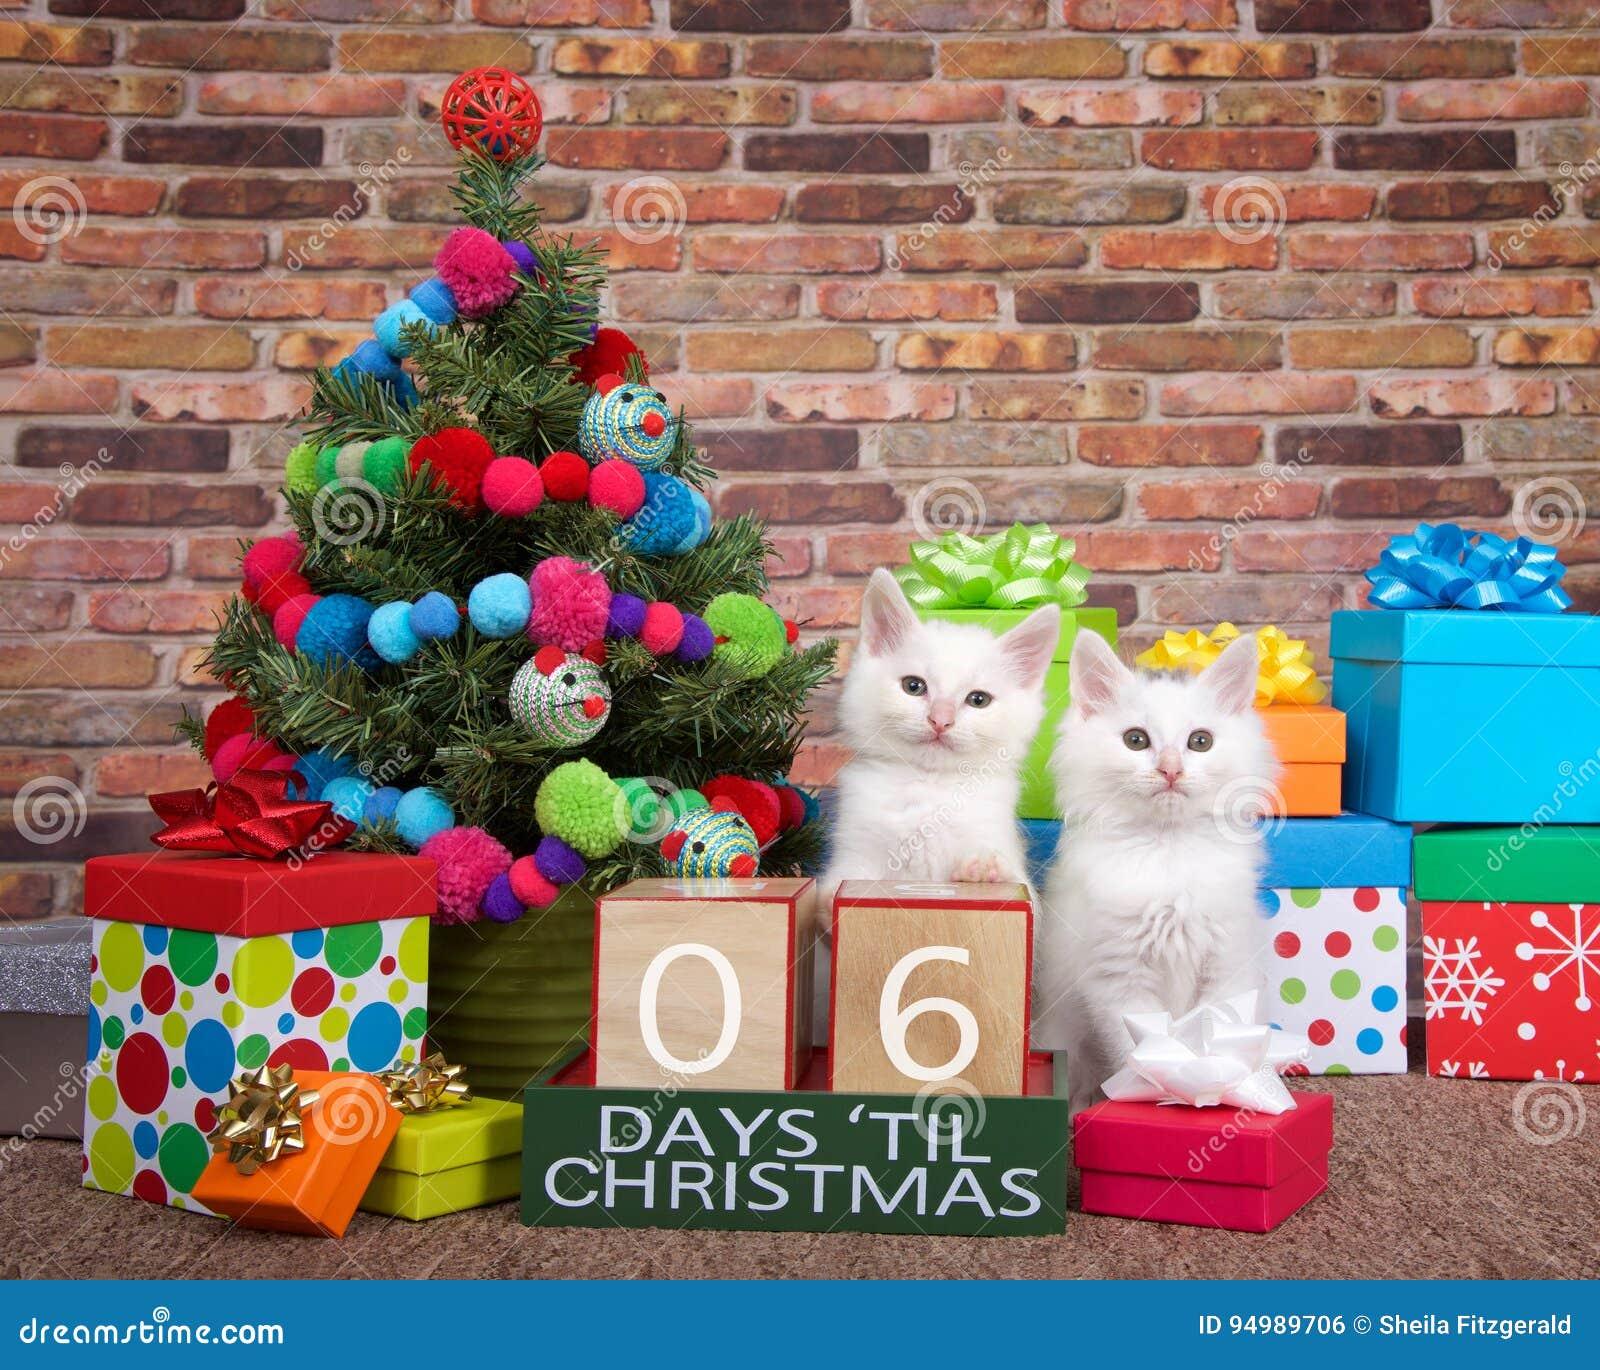 Katjesaftelprocedure aan Kerstmis 06 Dagen